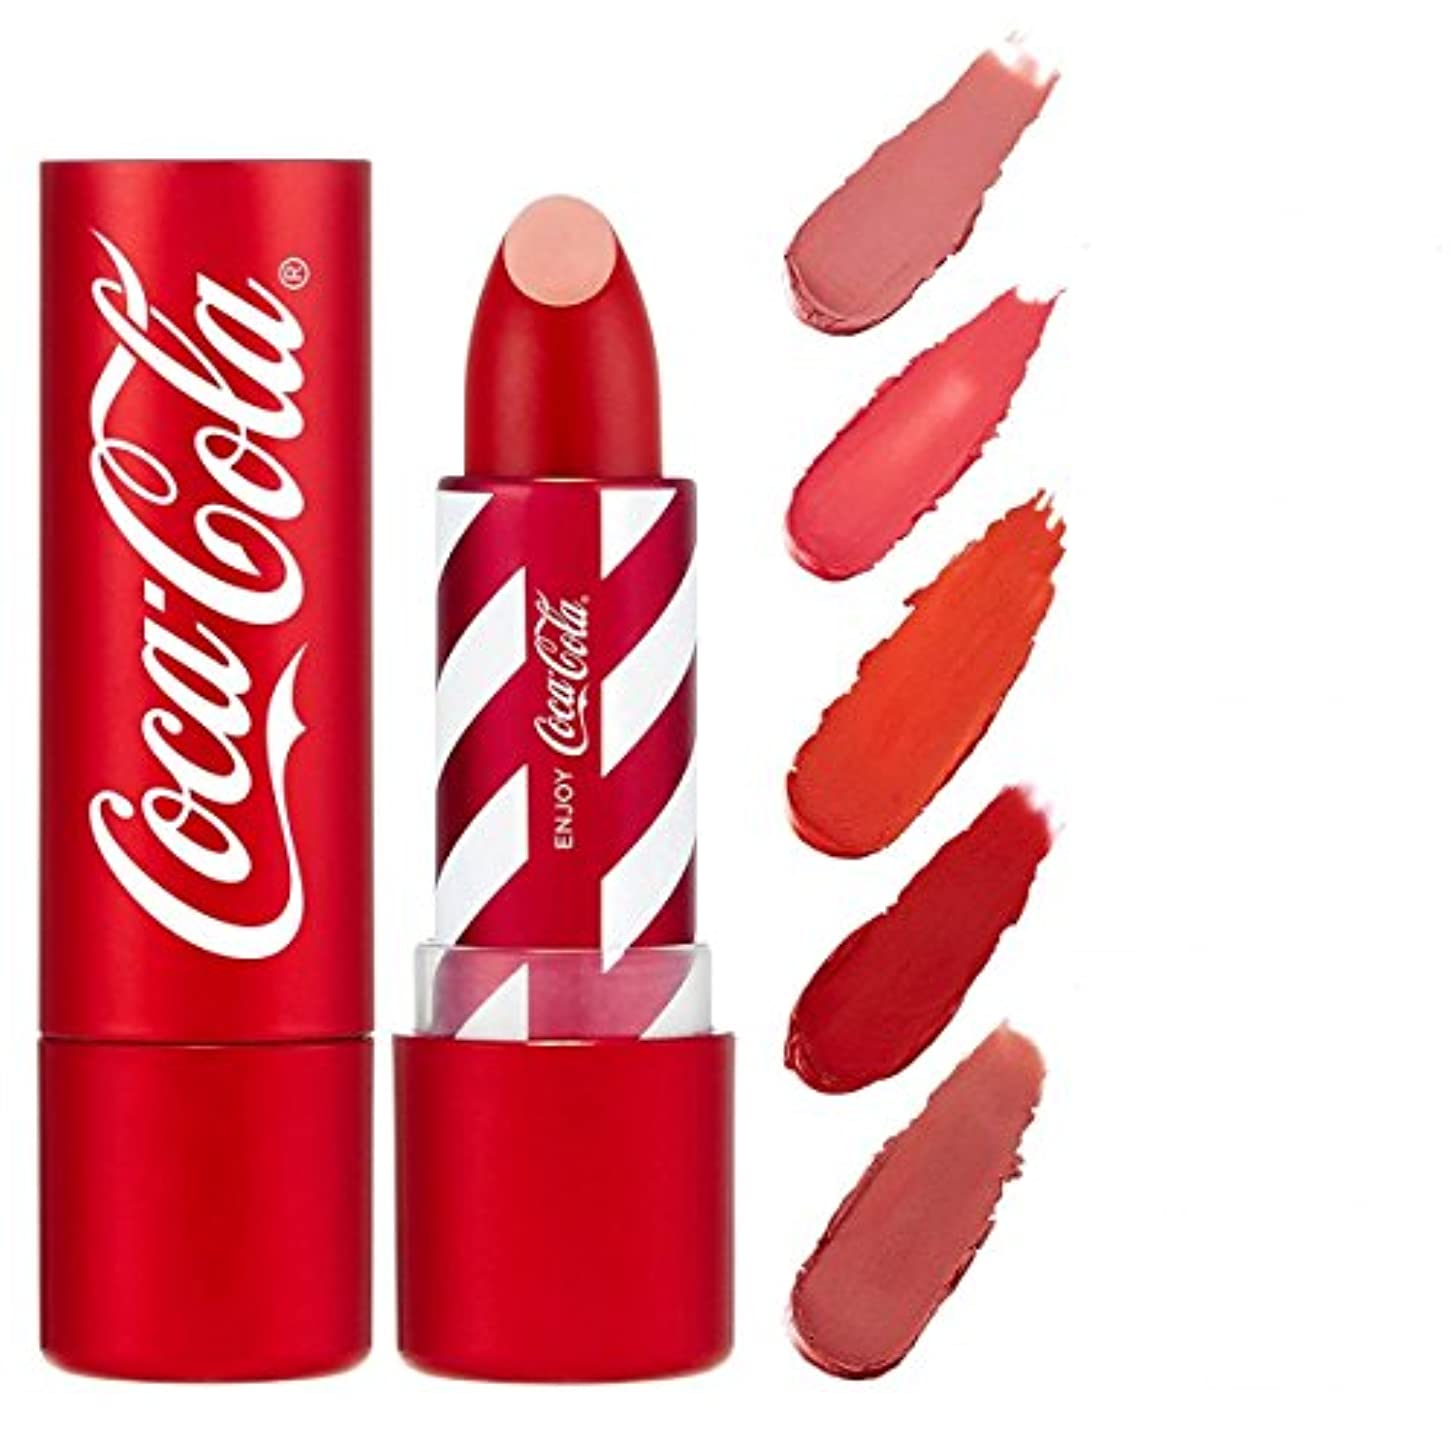 放映状慈悲深いコカ?コーラ×THE FACE SHOP リップスティック ~ コカ?コーラ公式グッズ 04 COKE RED